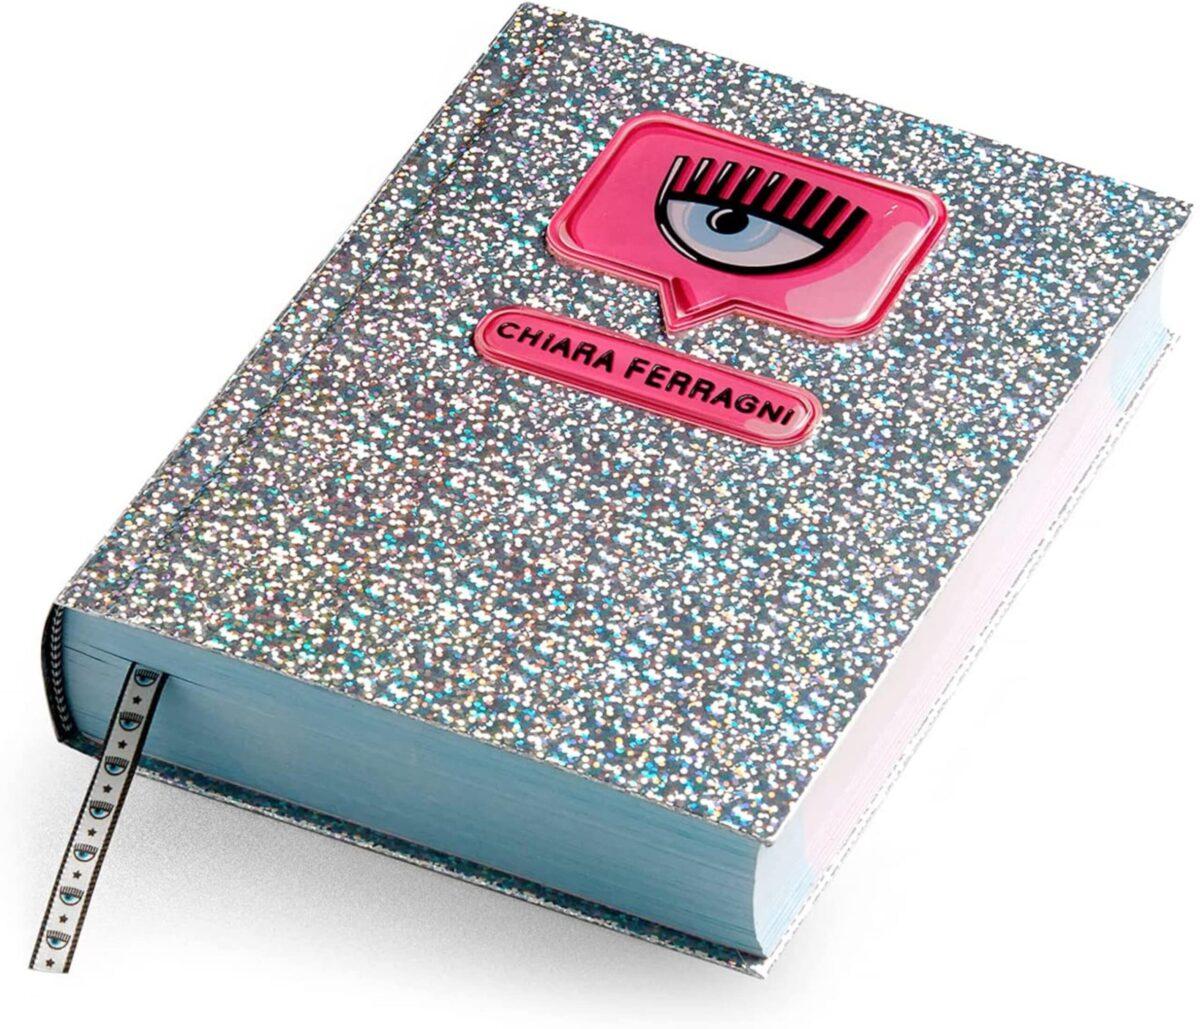 Pronti per la Scuola? La nuova collezione Chiara Ferragni X Pigna arriva su Amazon thumbnail